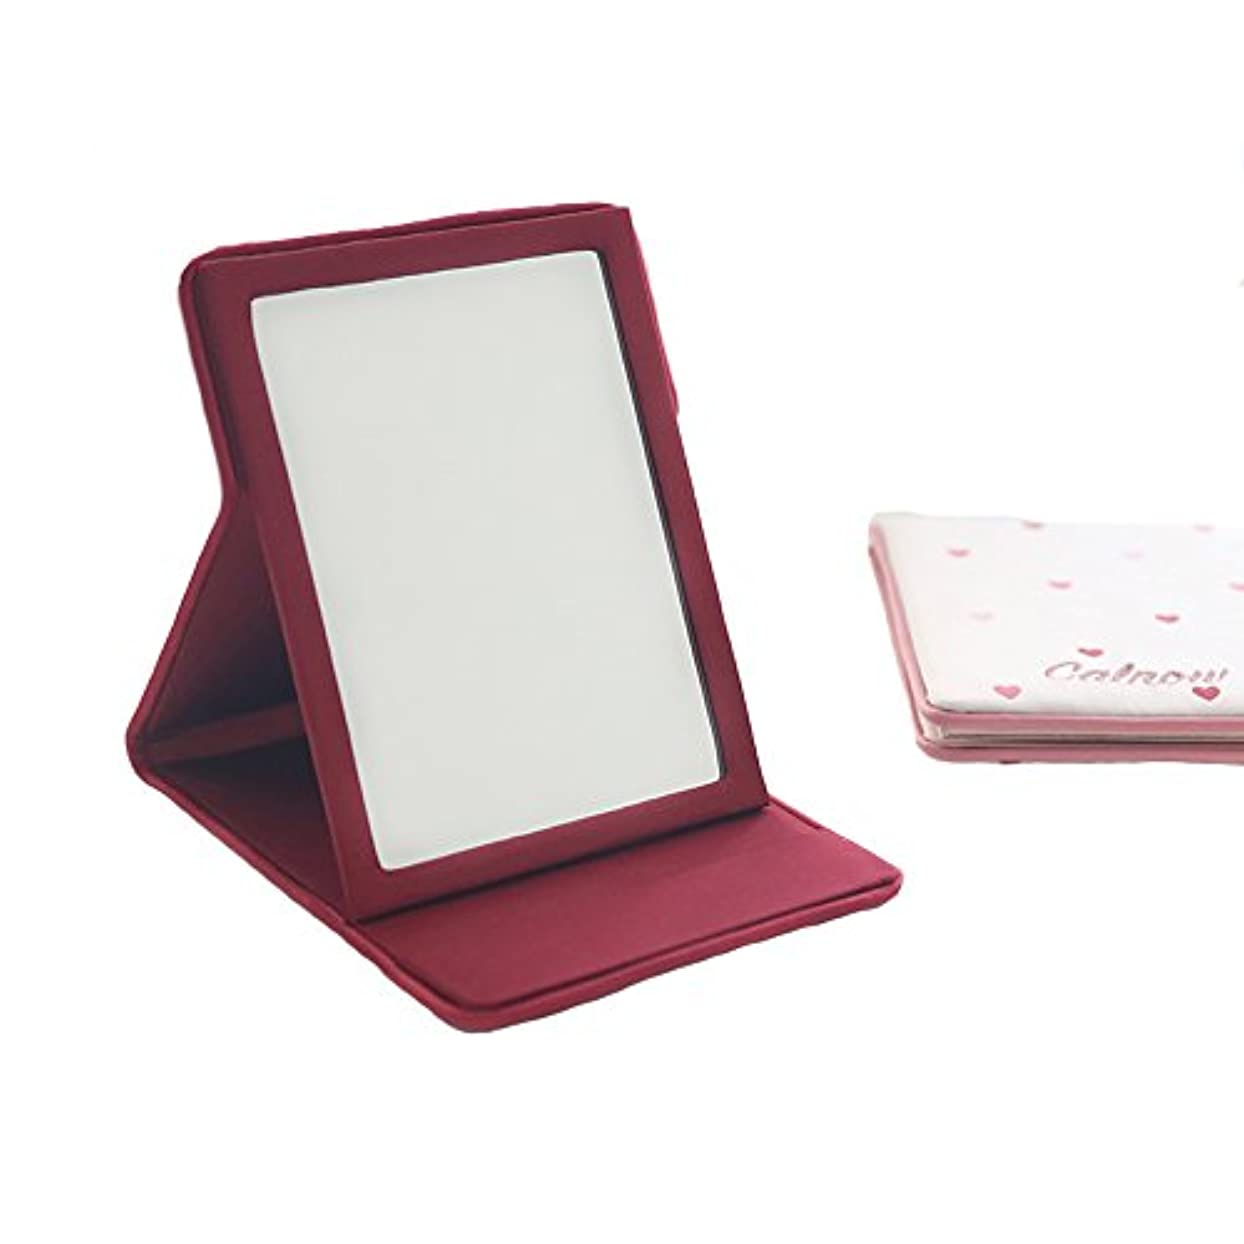 こどもの宮殿チェスをするアグネスグレイMYOMYO化粧鏡 卓上ミラー 卓上スタンドミラー 折りたたみミラー 旅行鏡 旅行適用 (ピンク)